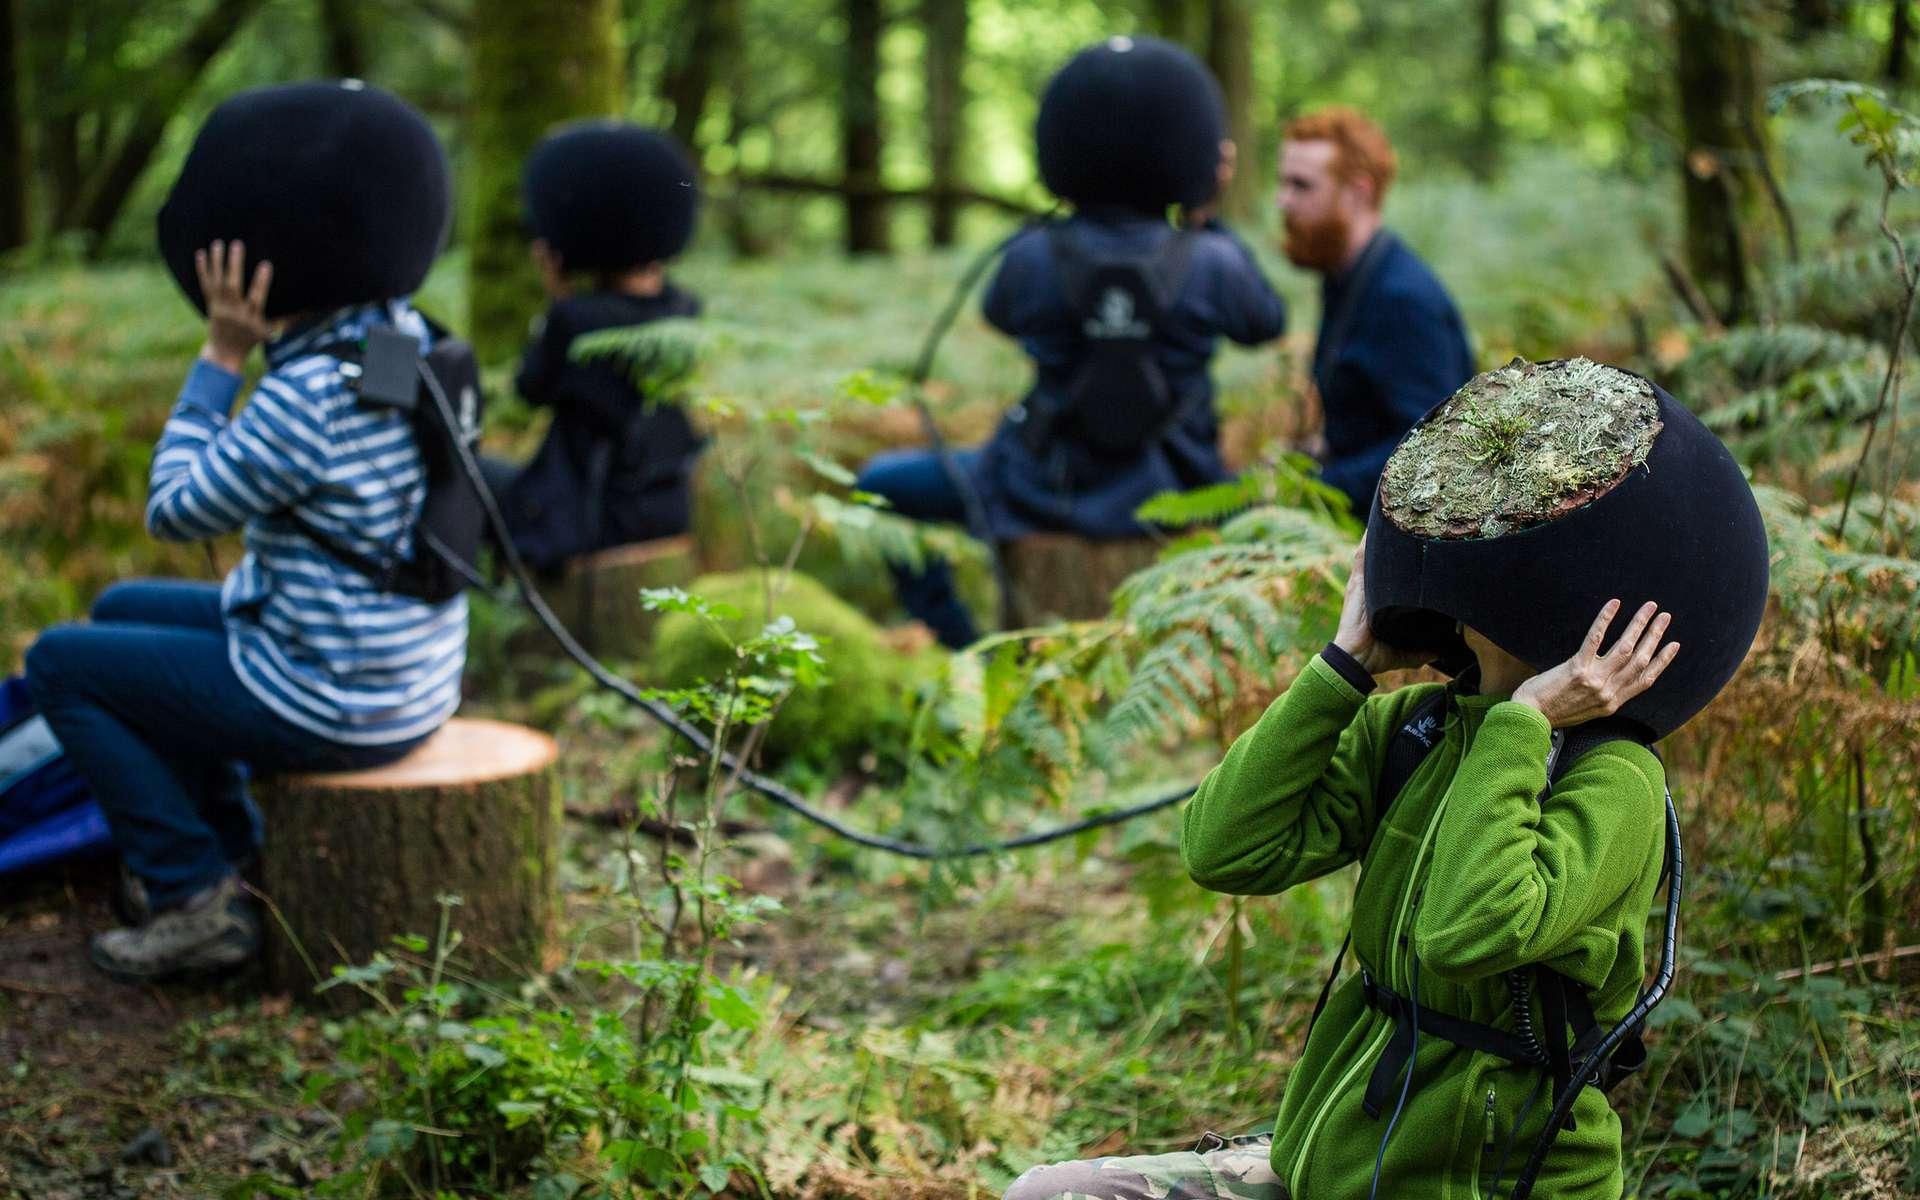 Ces drôles de casques sont en fait un équipement de réalité virtuelle pour explorer la forêt à travers les yeux des animaux et insectes qui la peuplent. © Marshmallow Laser Feast